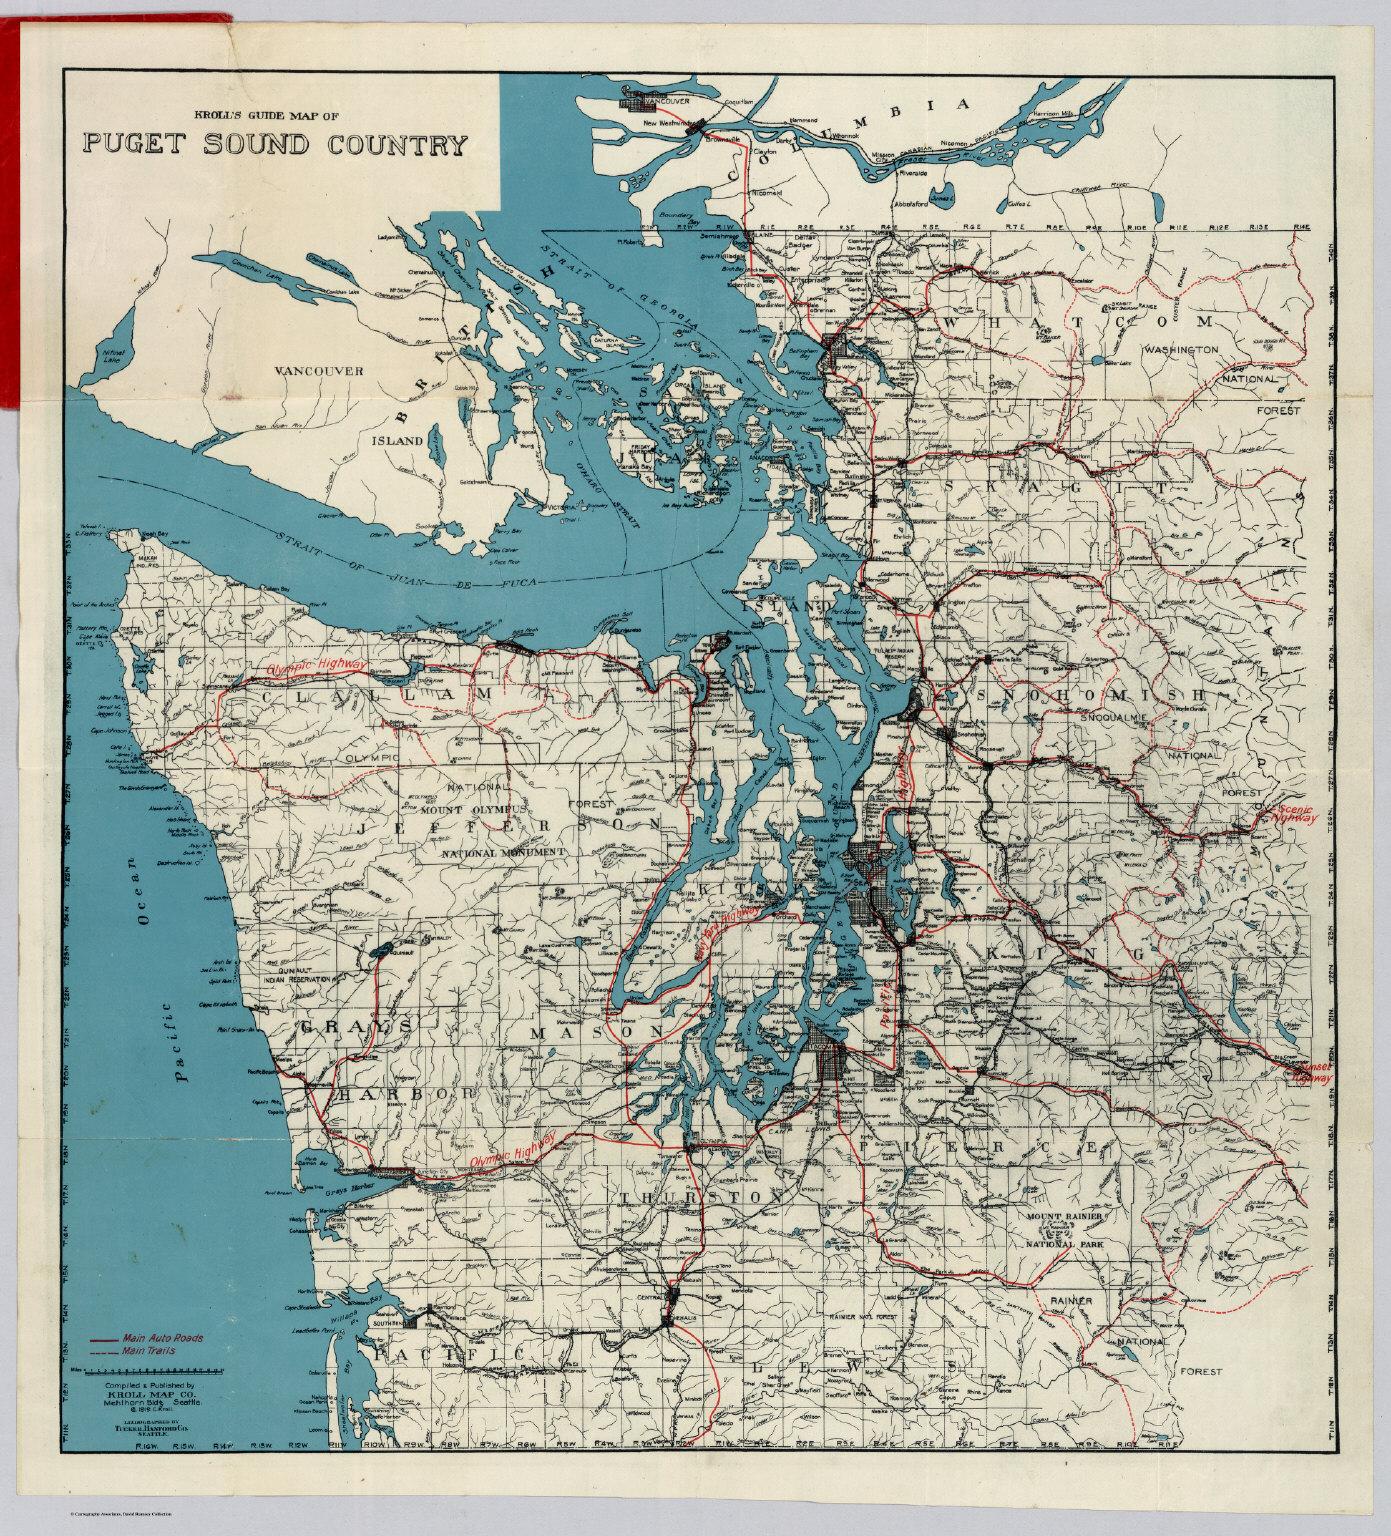 puget sound vintage map.jpg